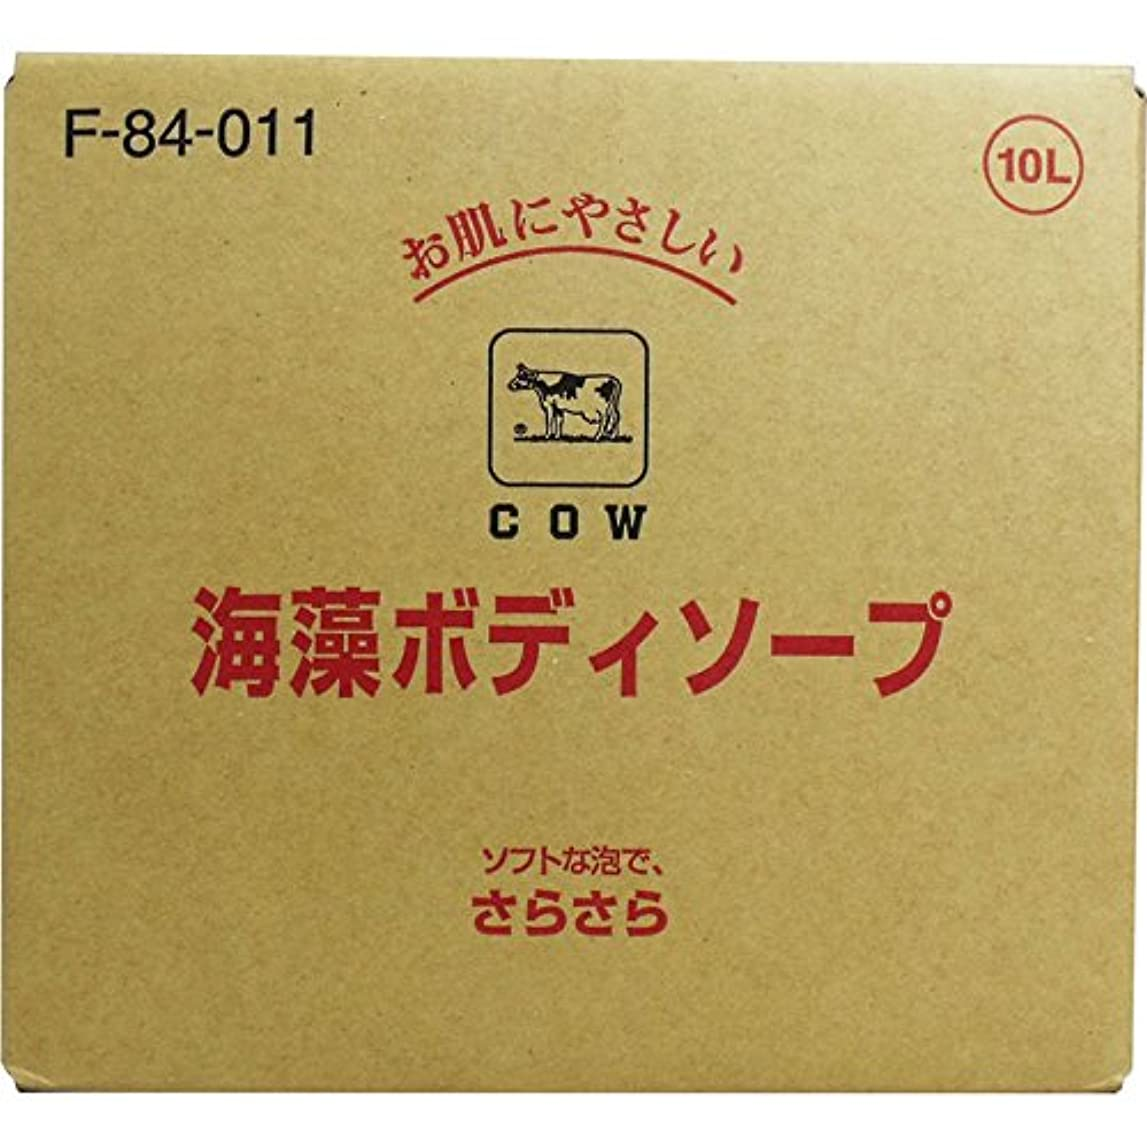 内向き法律宣教師ボディ 石けん詰め替え さらさらした洗い心地 便利商品 牛乳ブランド 海藻ボディソープ 業務用 10L